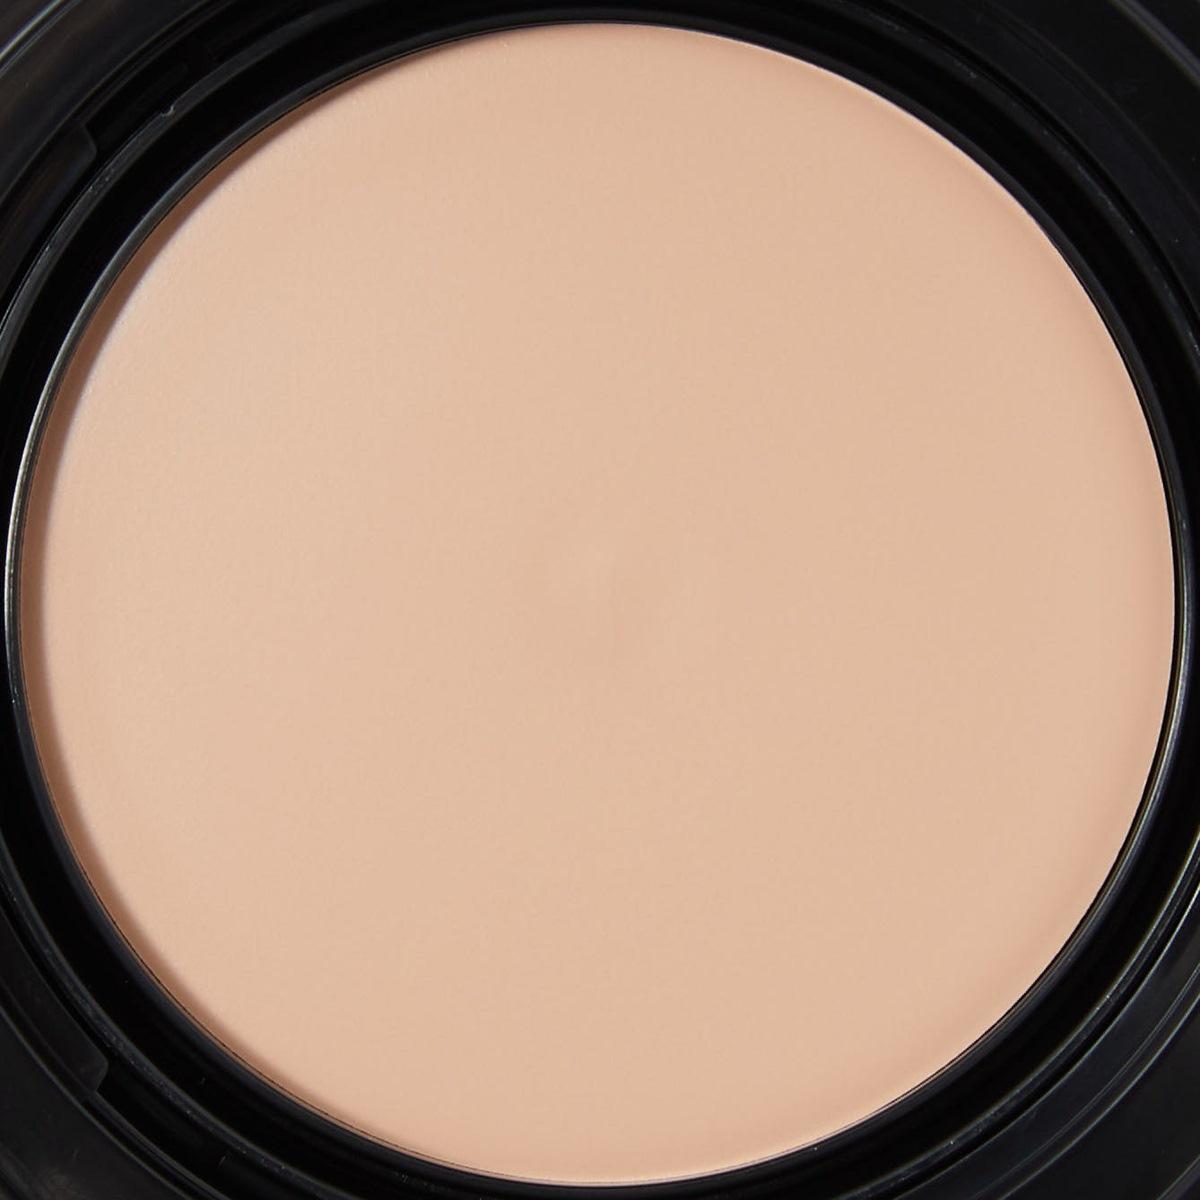 KATE(ケイト)『レアペイントファンデーションN 01 やや明るめの色』の使用感をレポに関する画像8